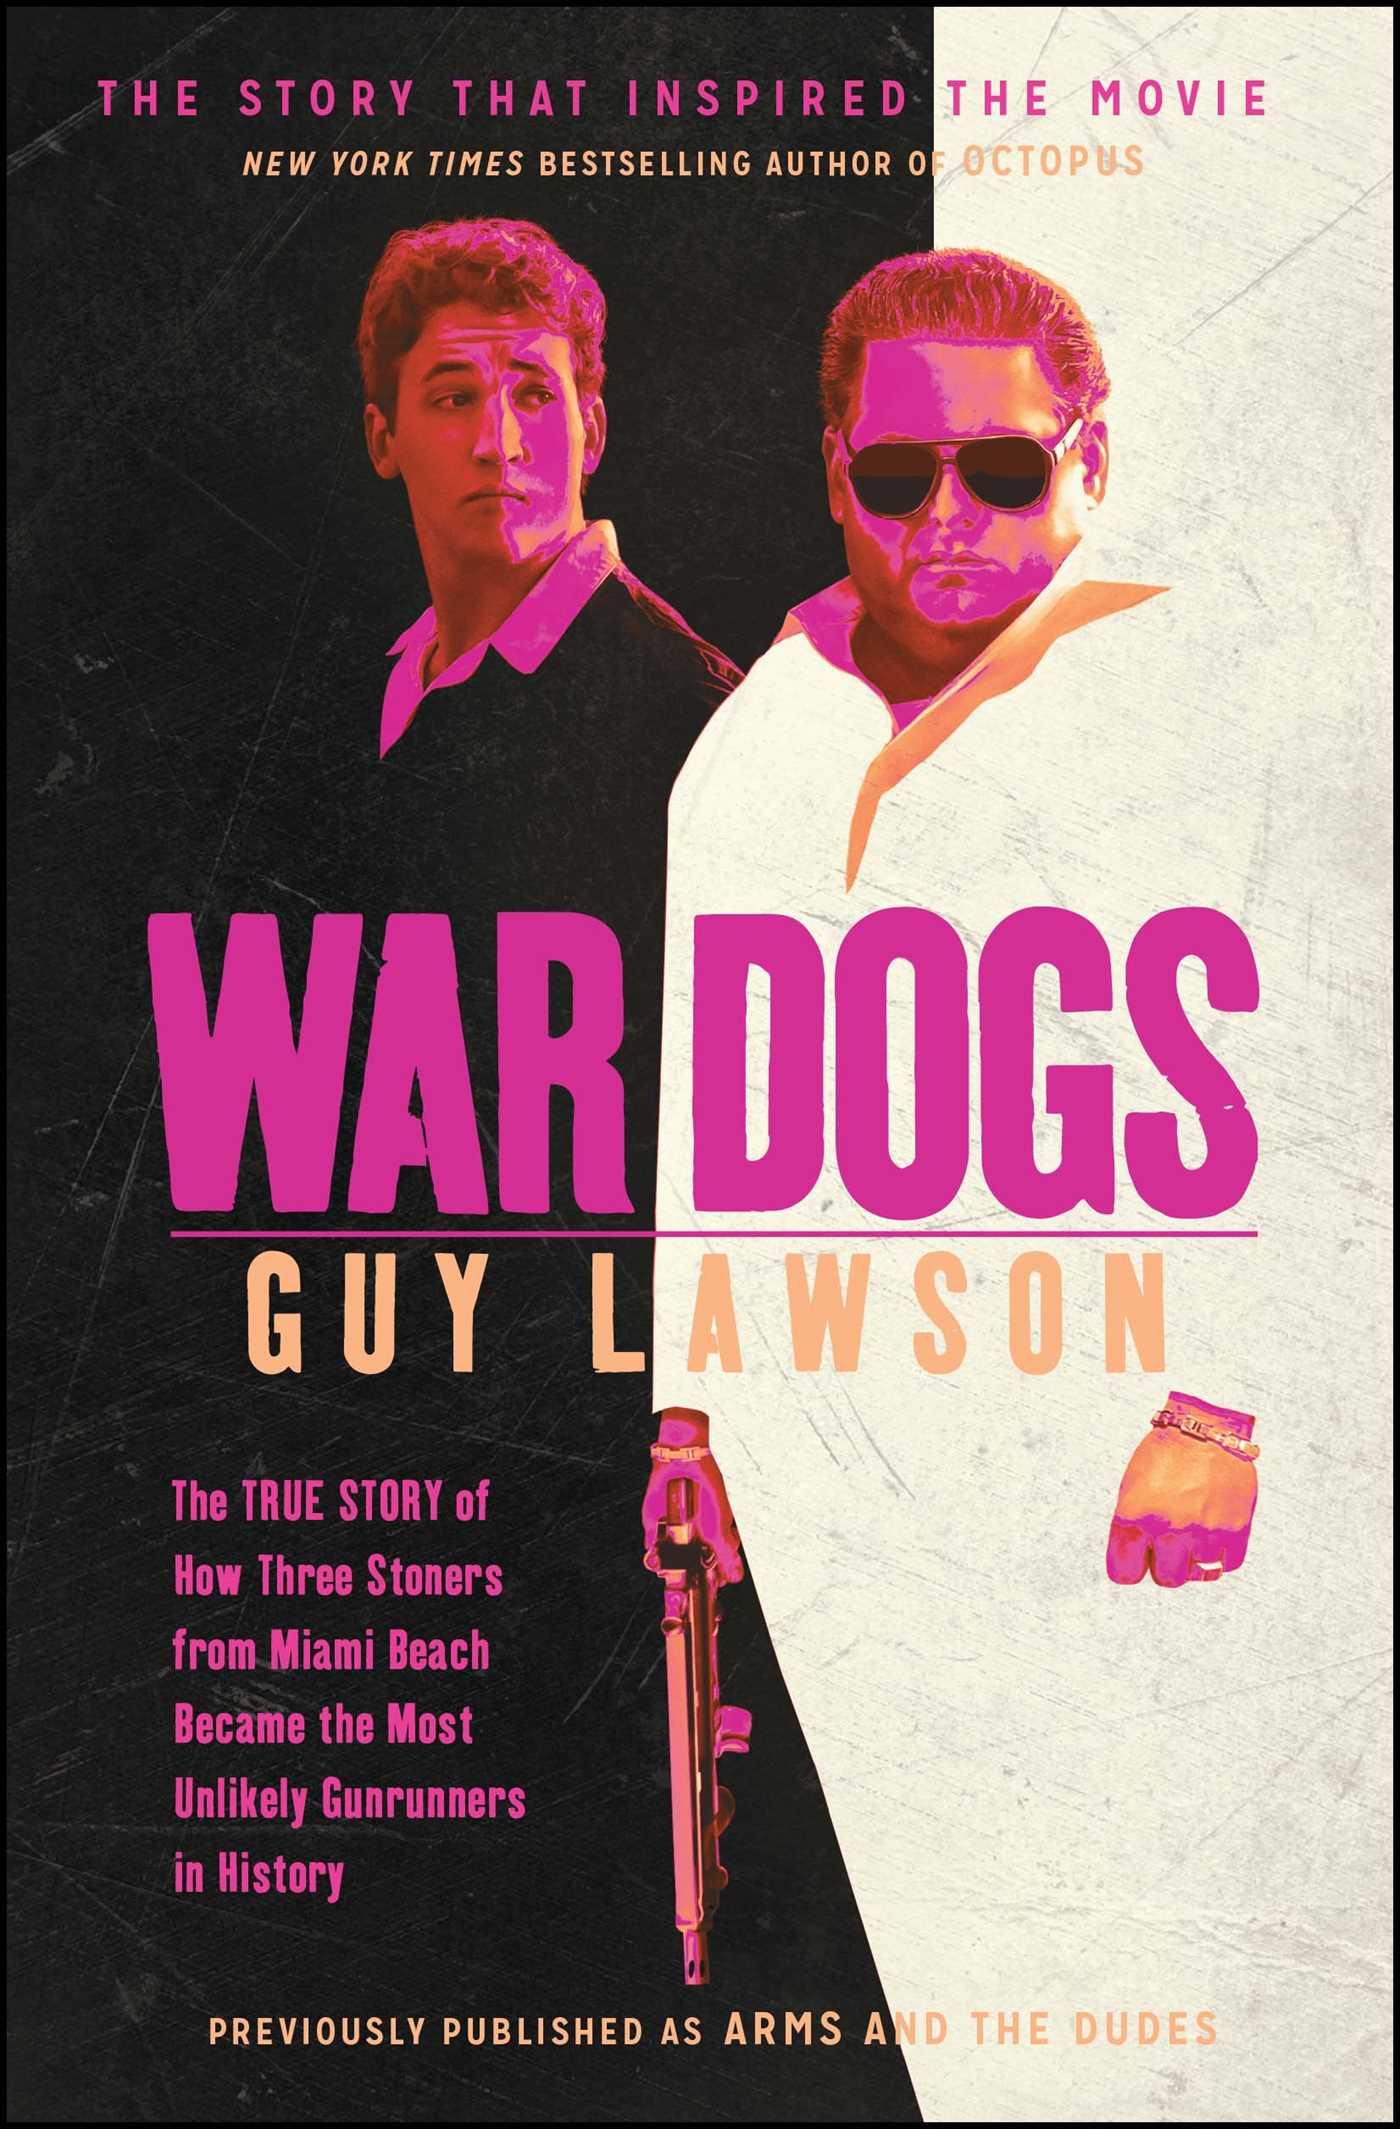 War dogs 9781451667608 hr